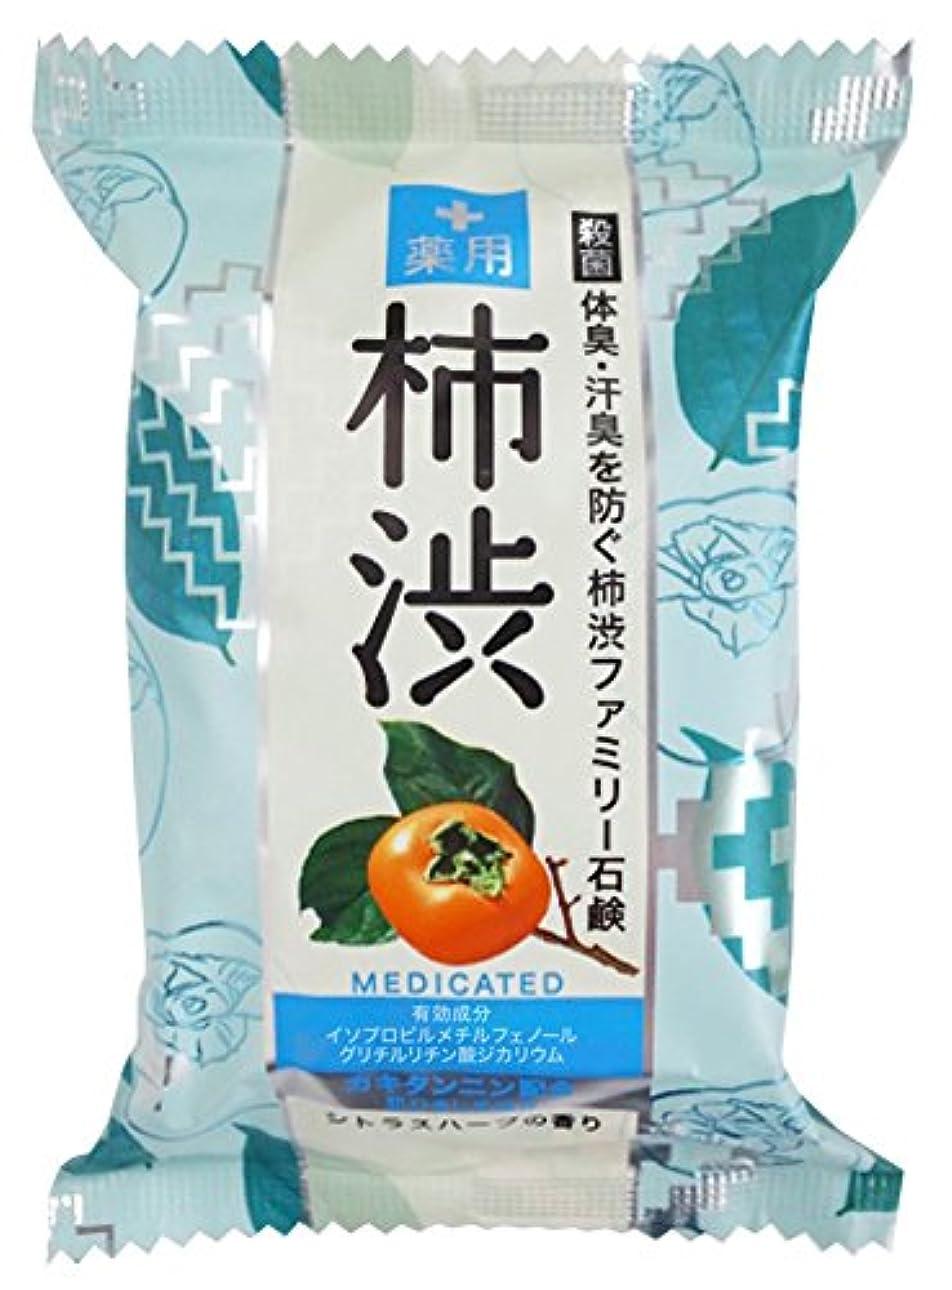 役員サービス作成者ペリカン石鹸 薬用ファミリー柿渋石鹸